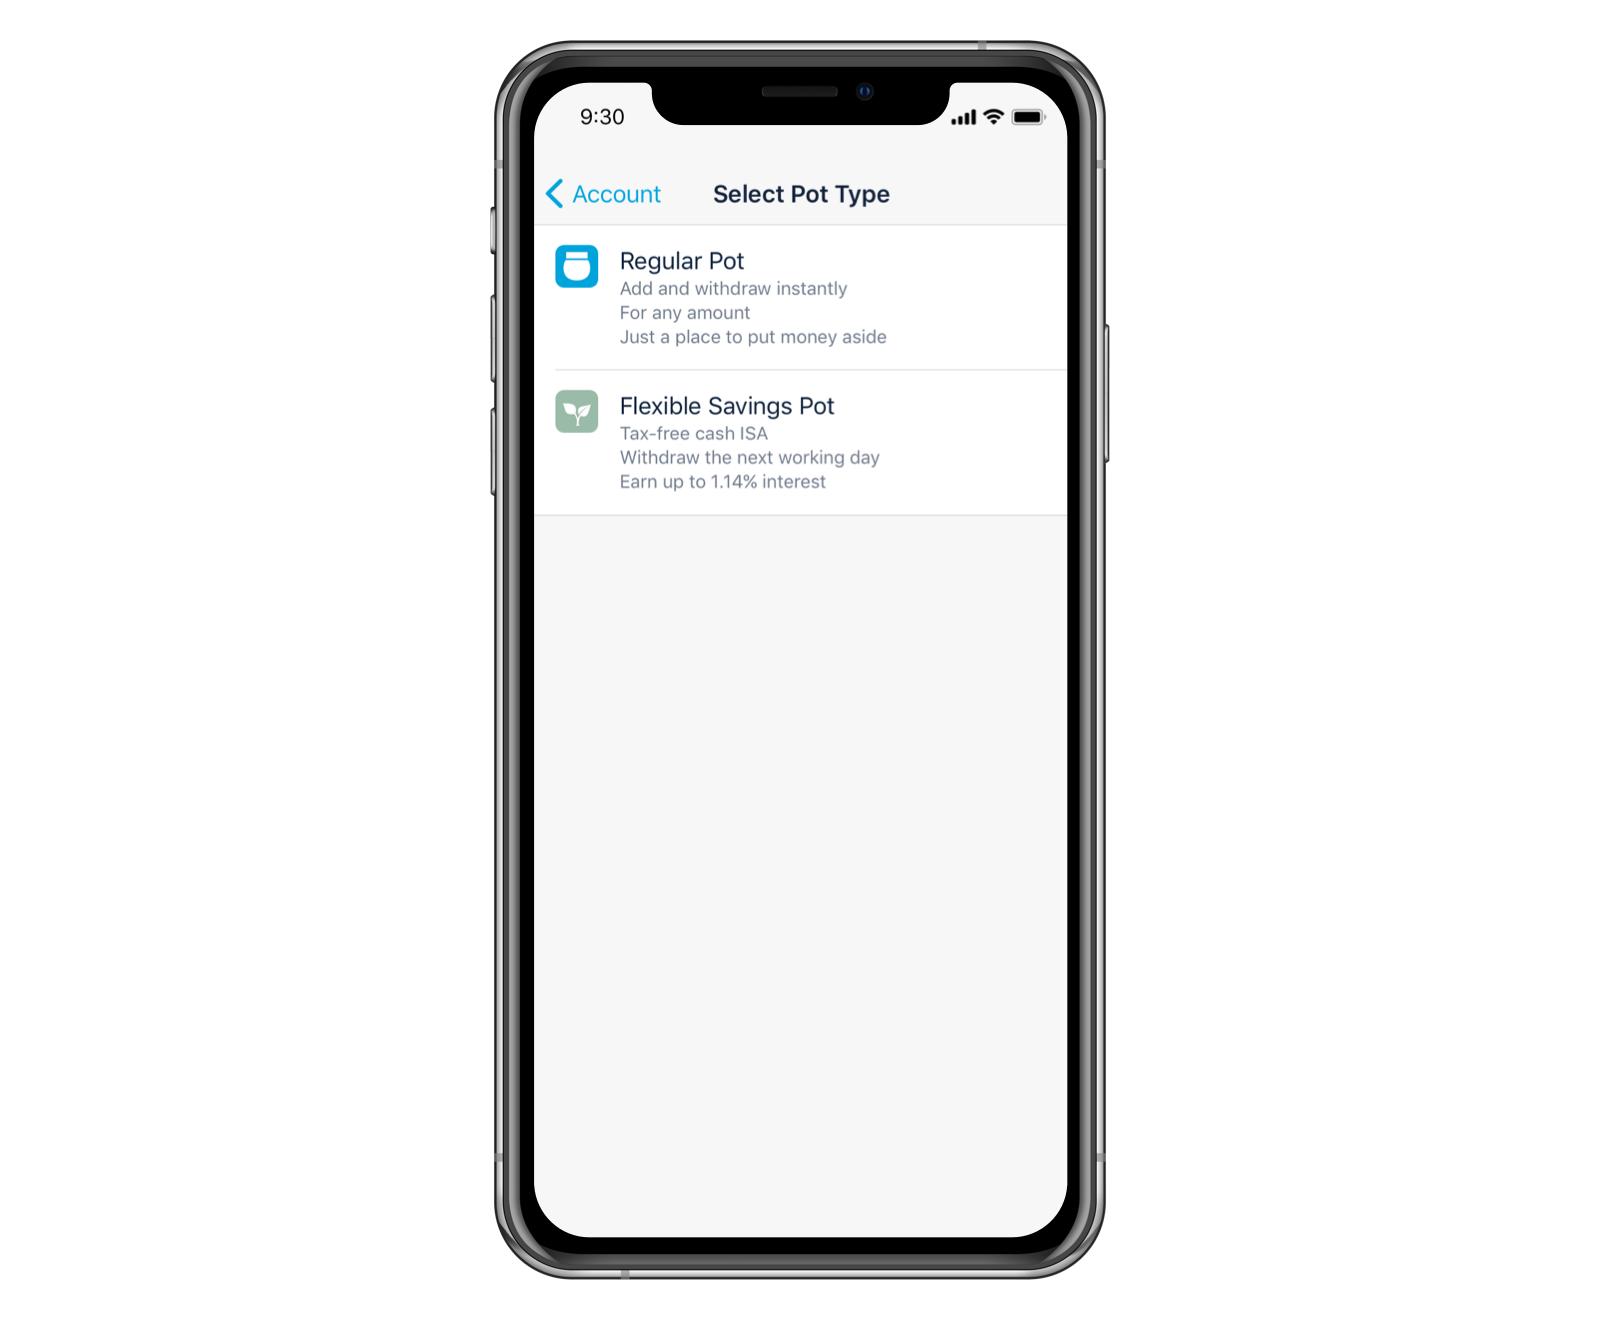 Screenshot of choosing an account type